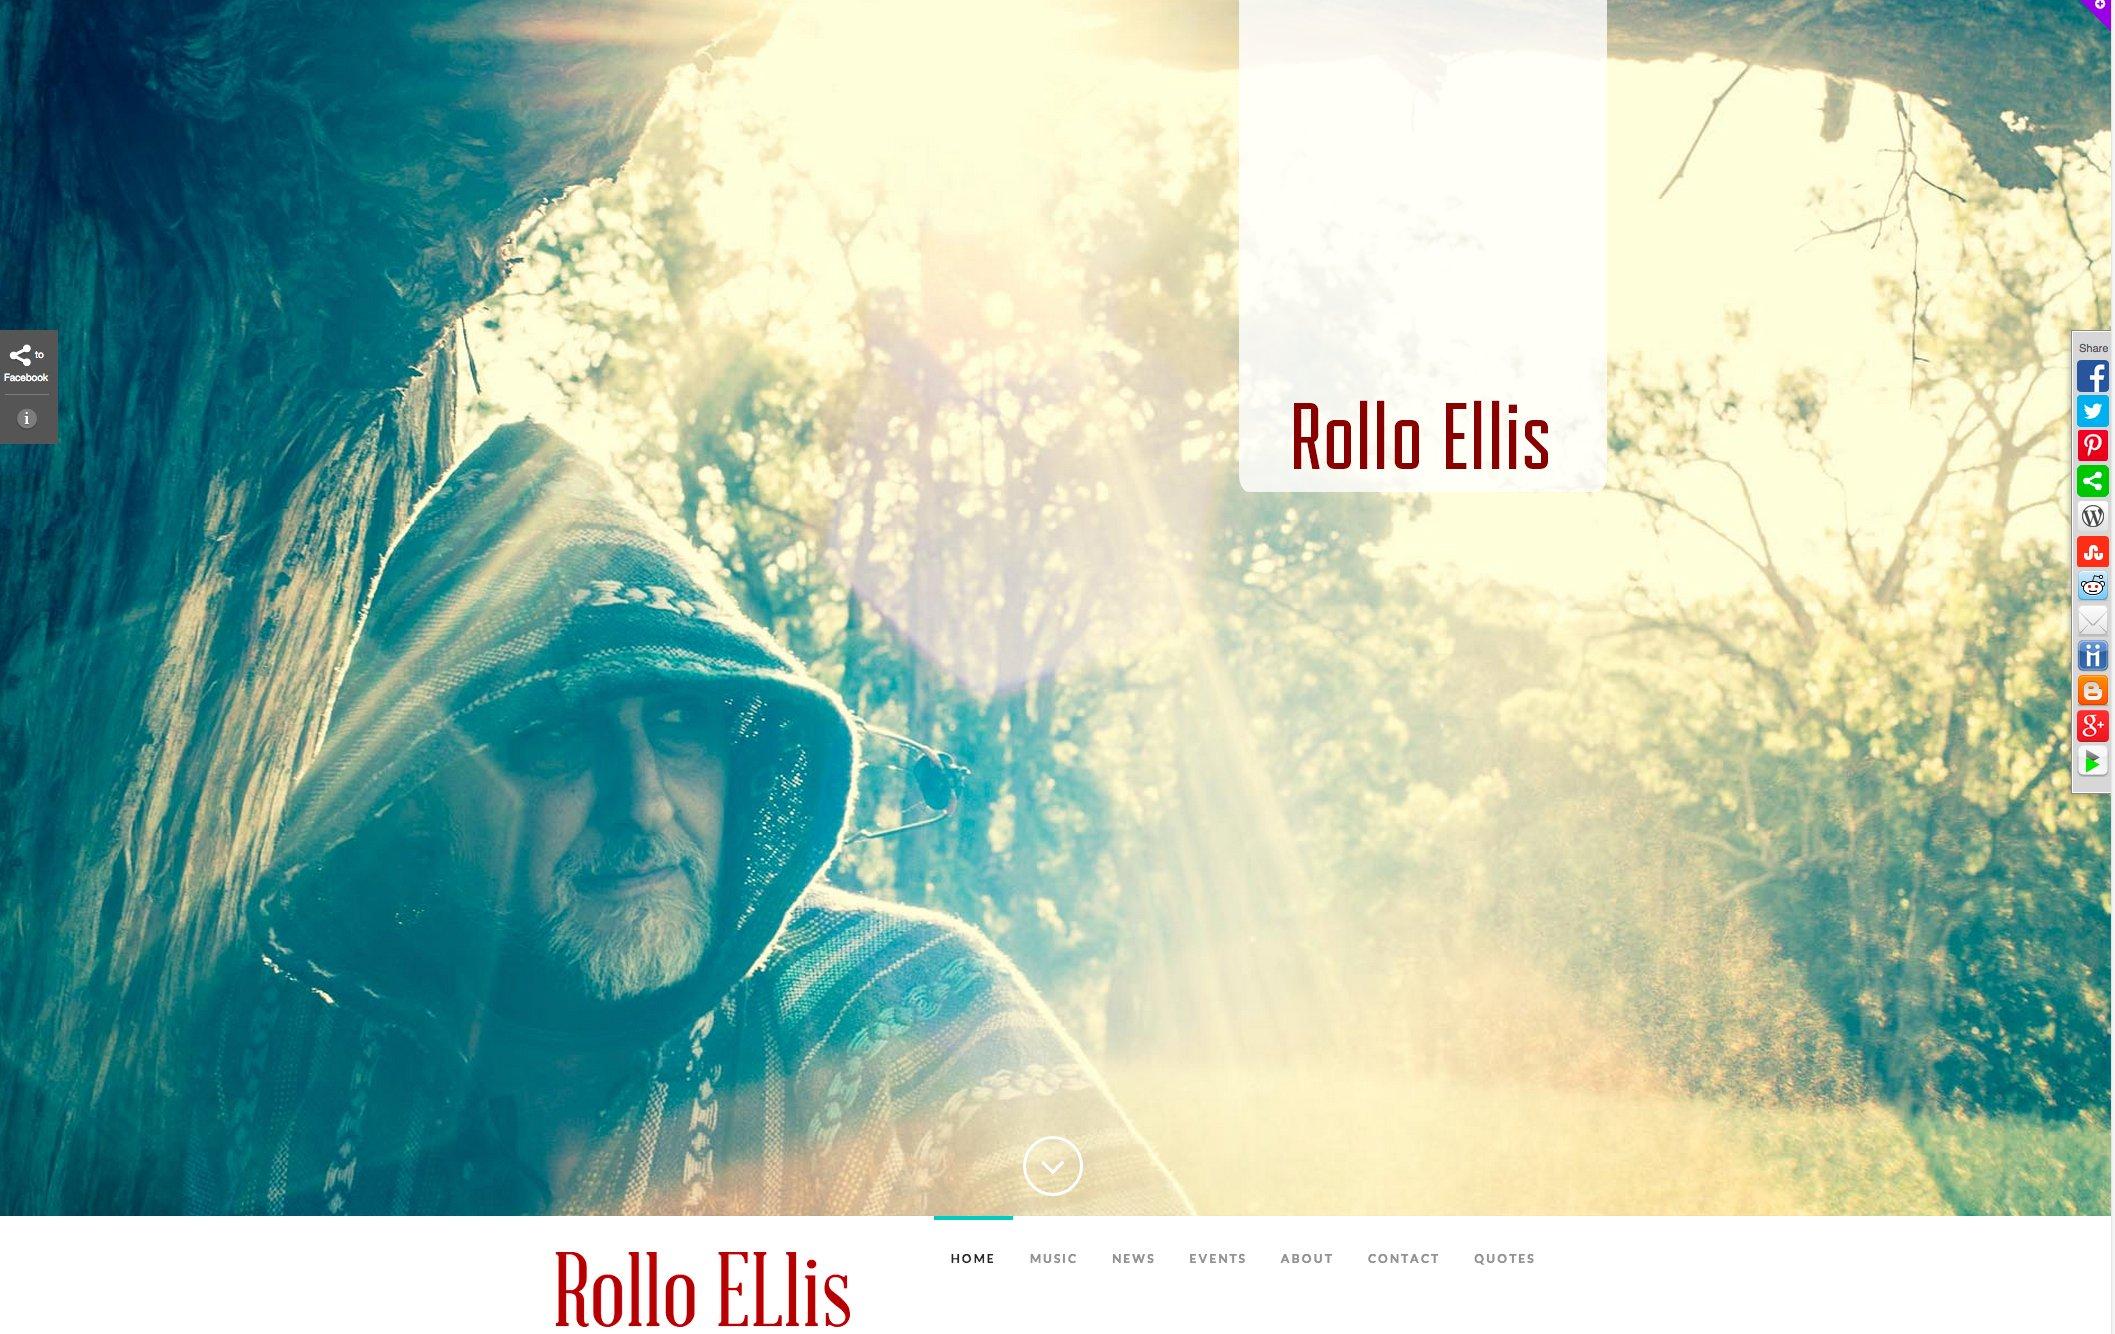 Rollo ellise website